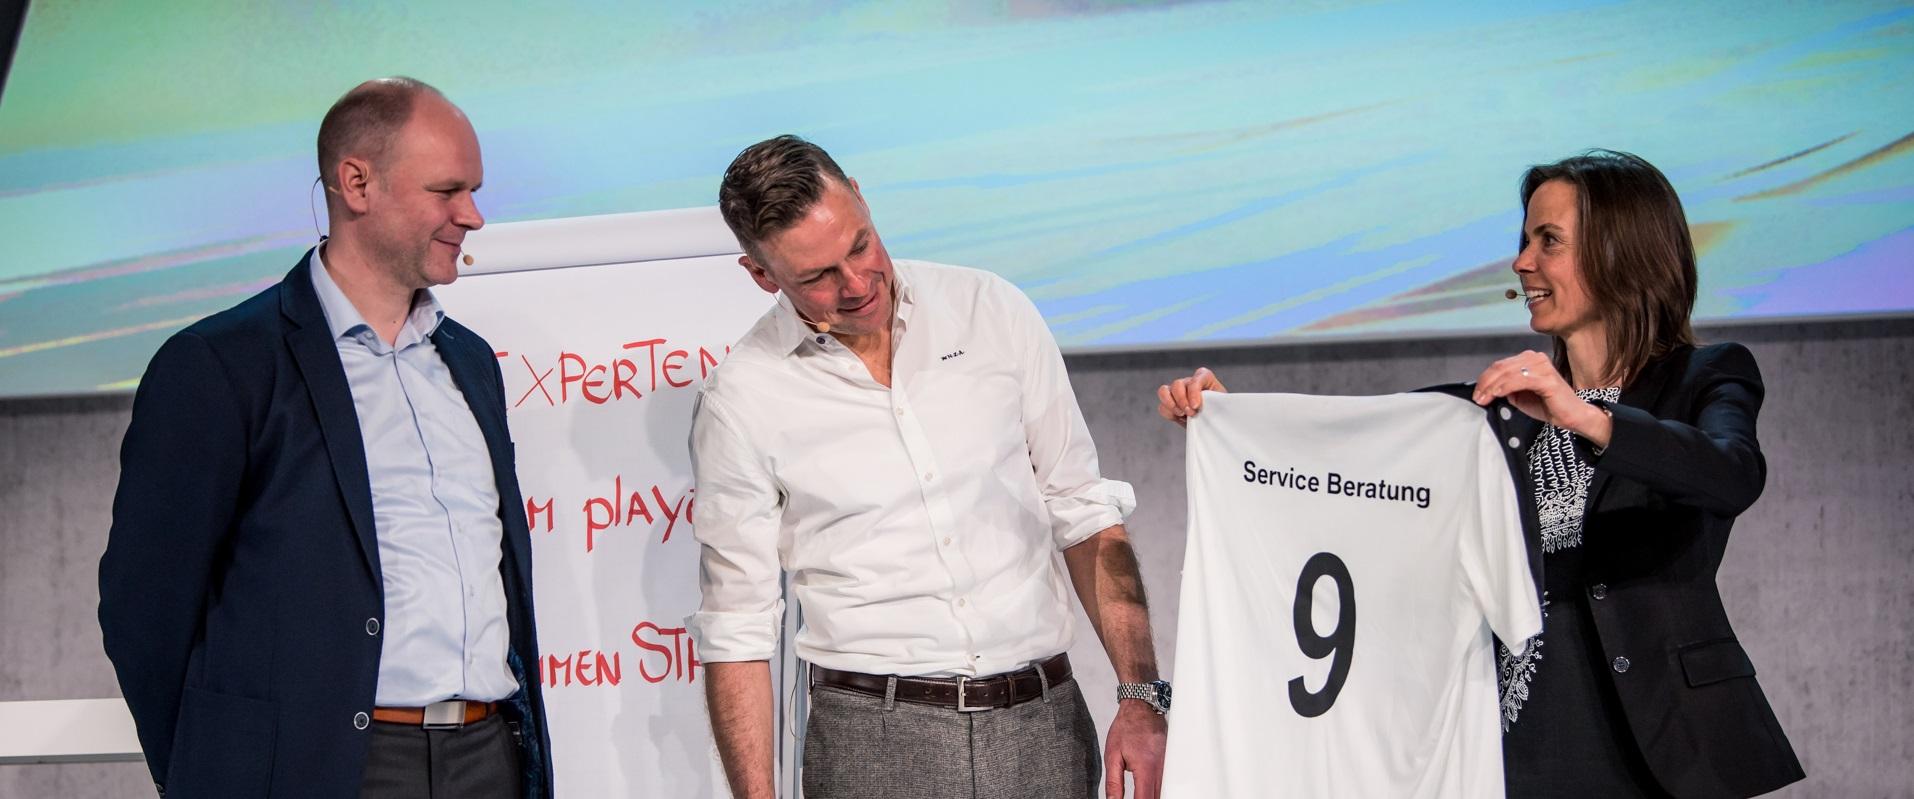 Als Redner und speaker das Publikum überzeugen - Dr. Holger Schmitz und Erik Meijer